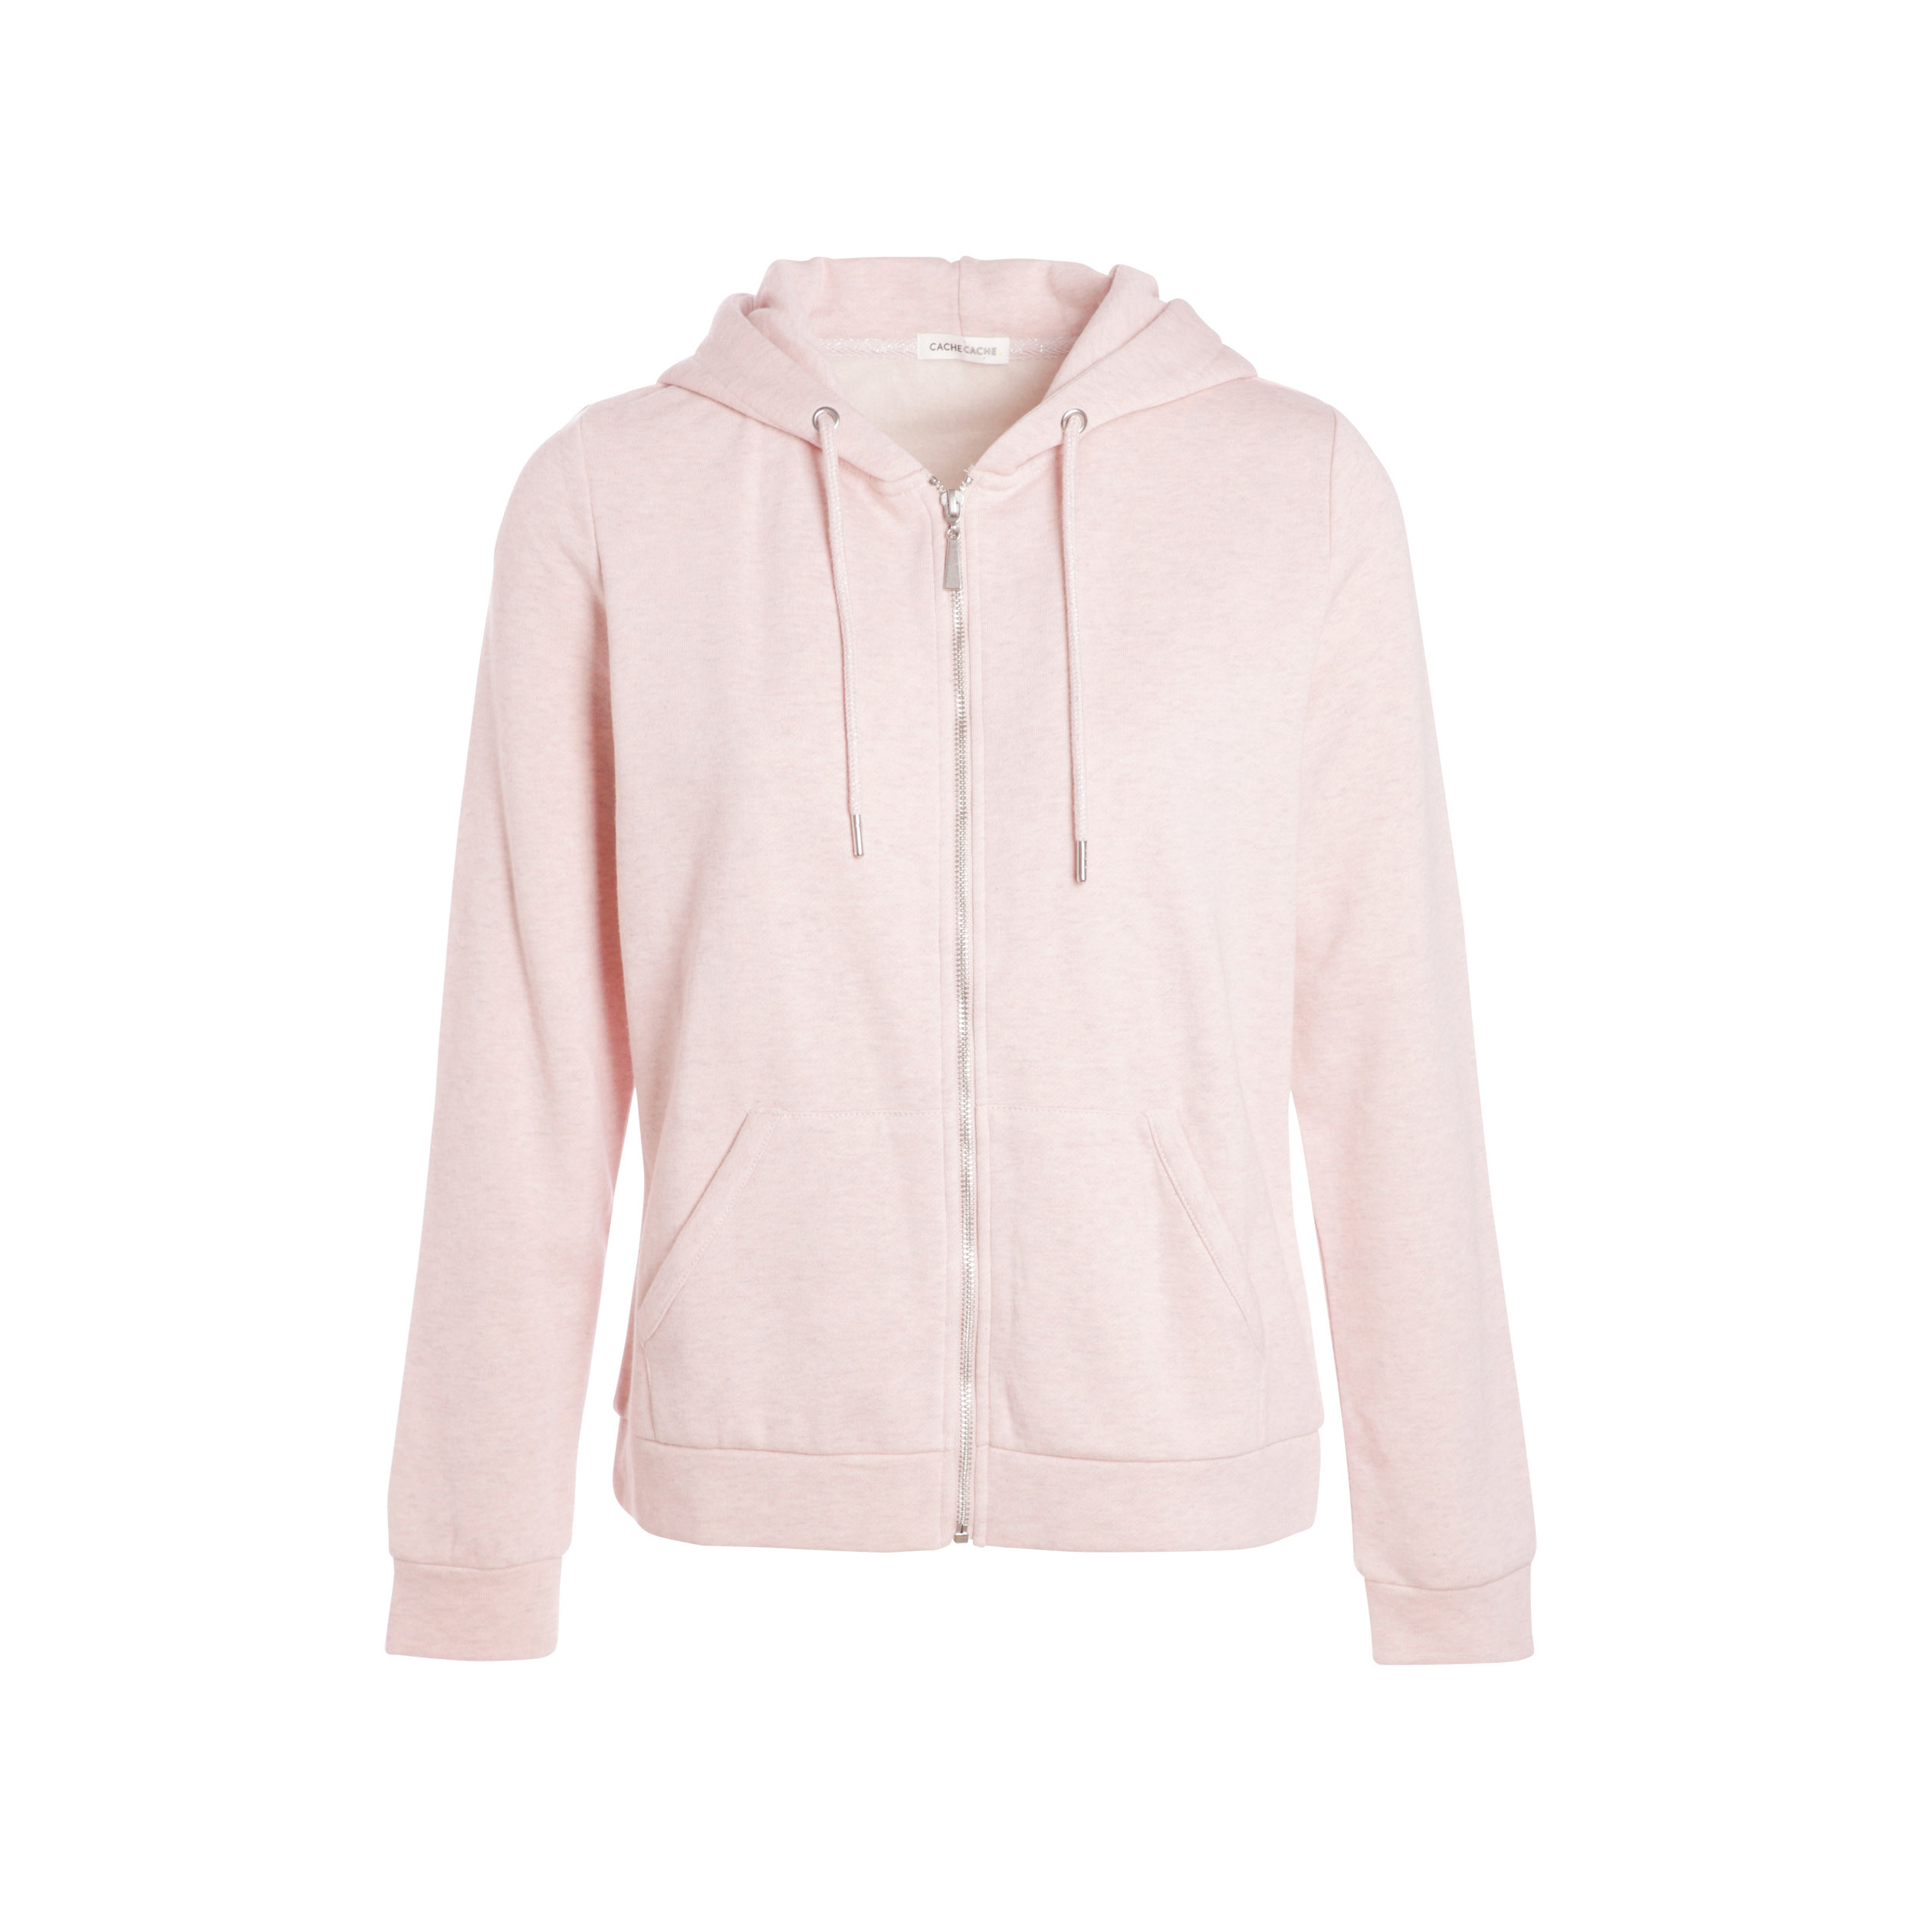 Sweat zippé capuche rose clair femme